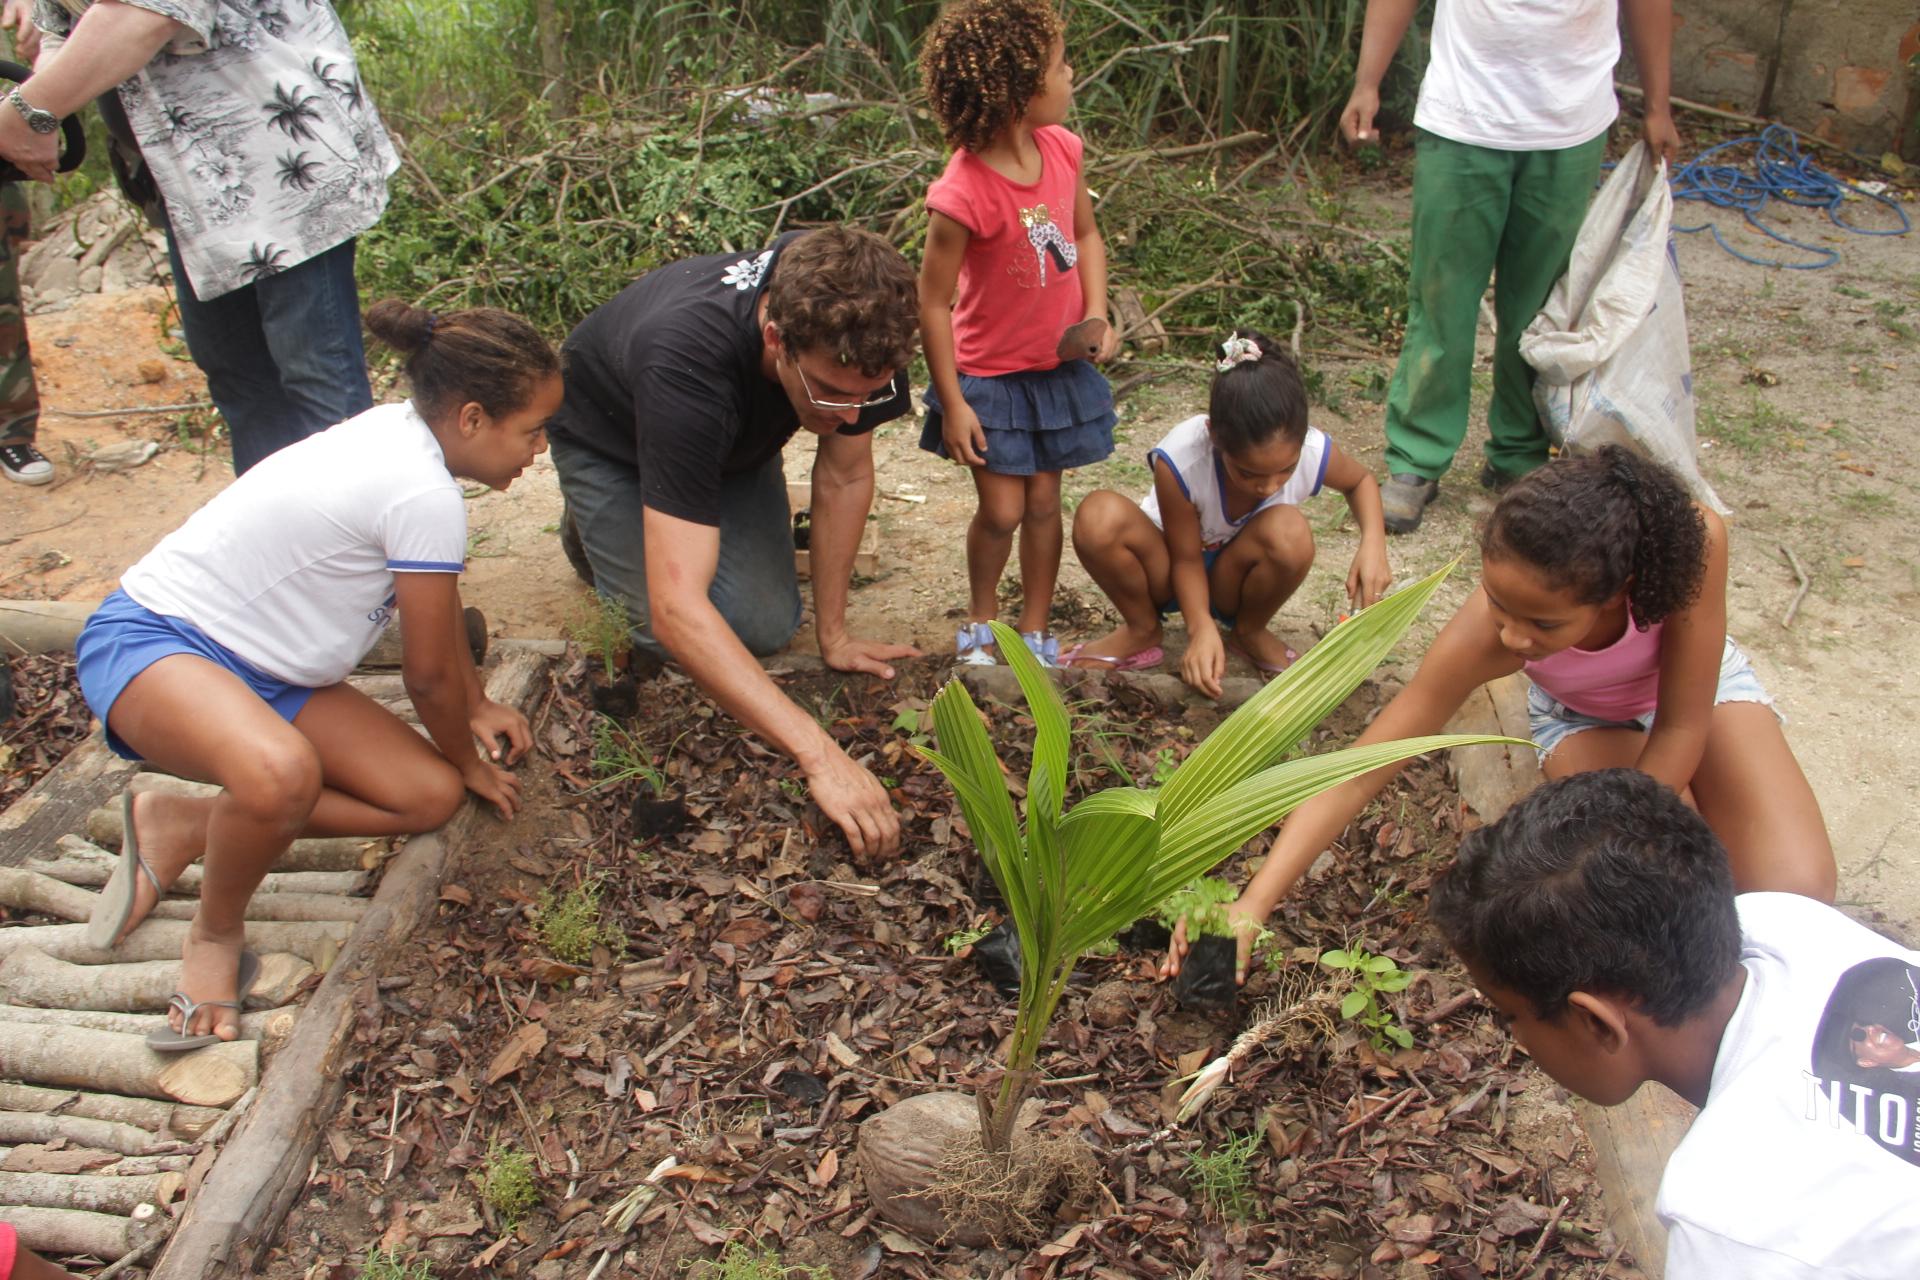 Plantio realizado em uma escola municipal em Cabrália - Bahia